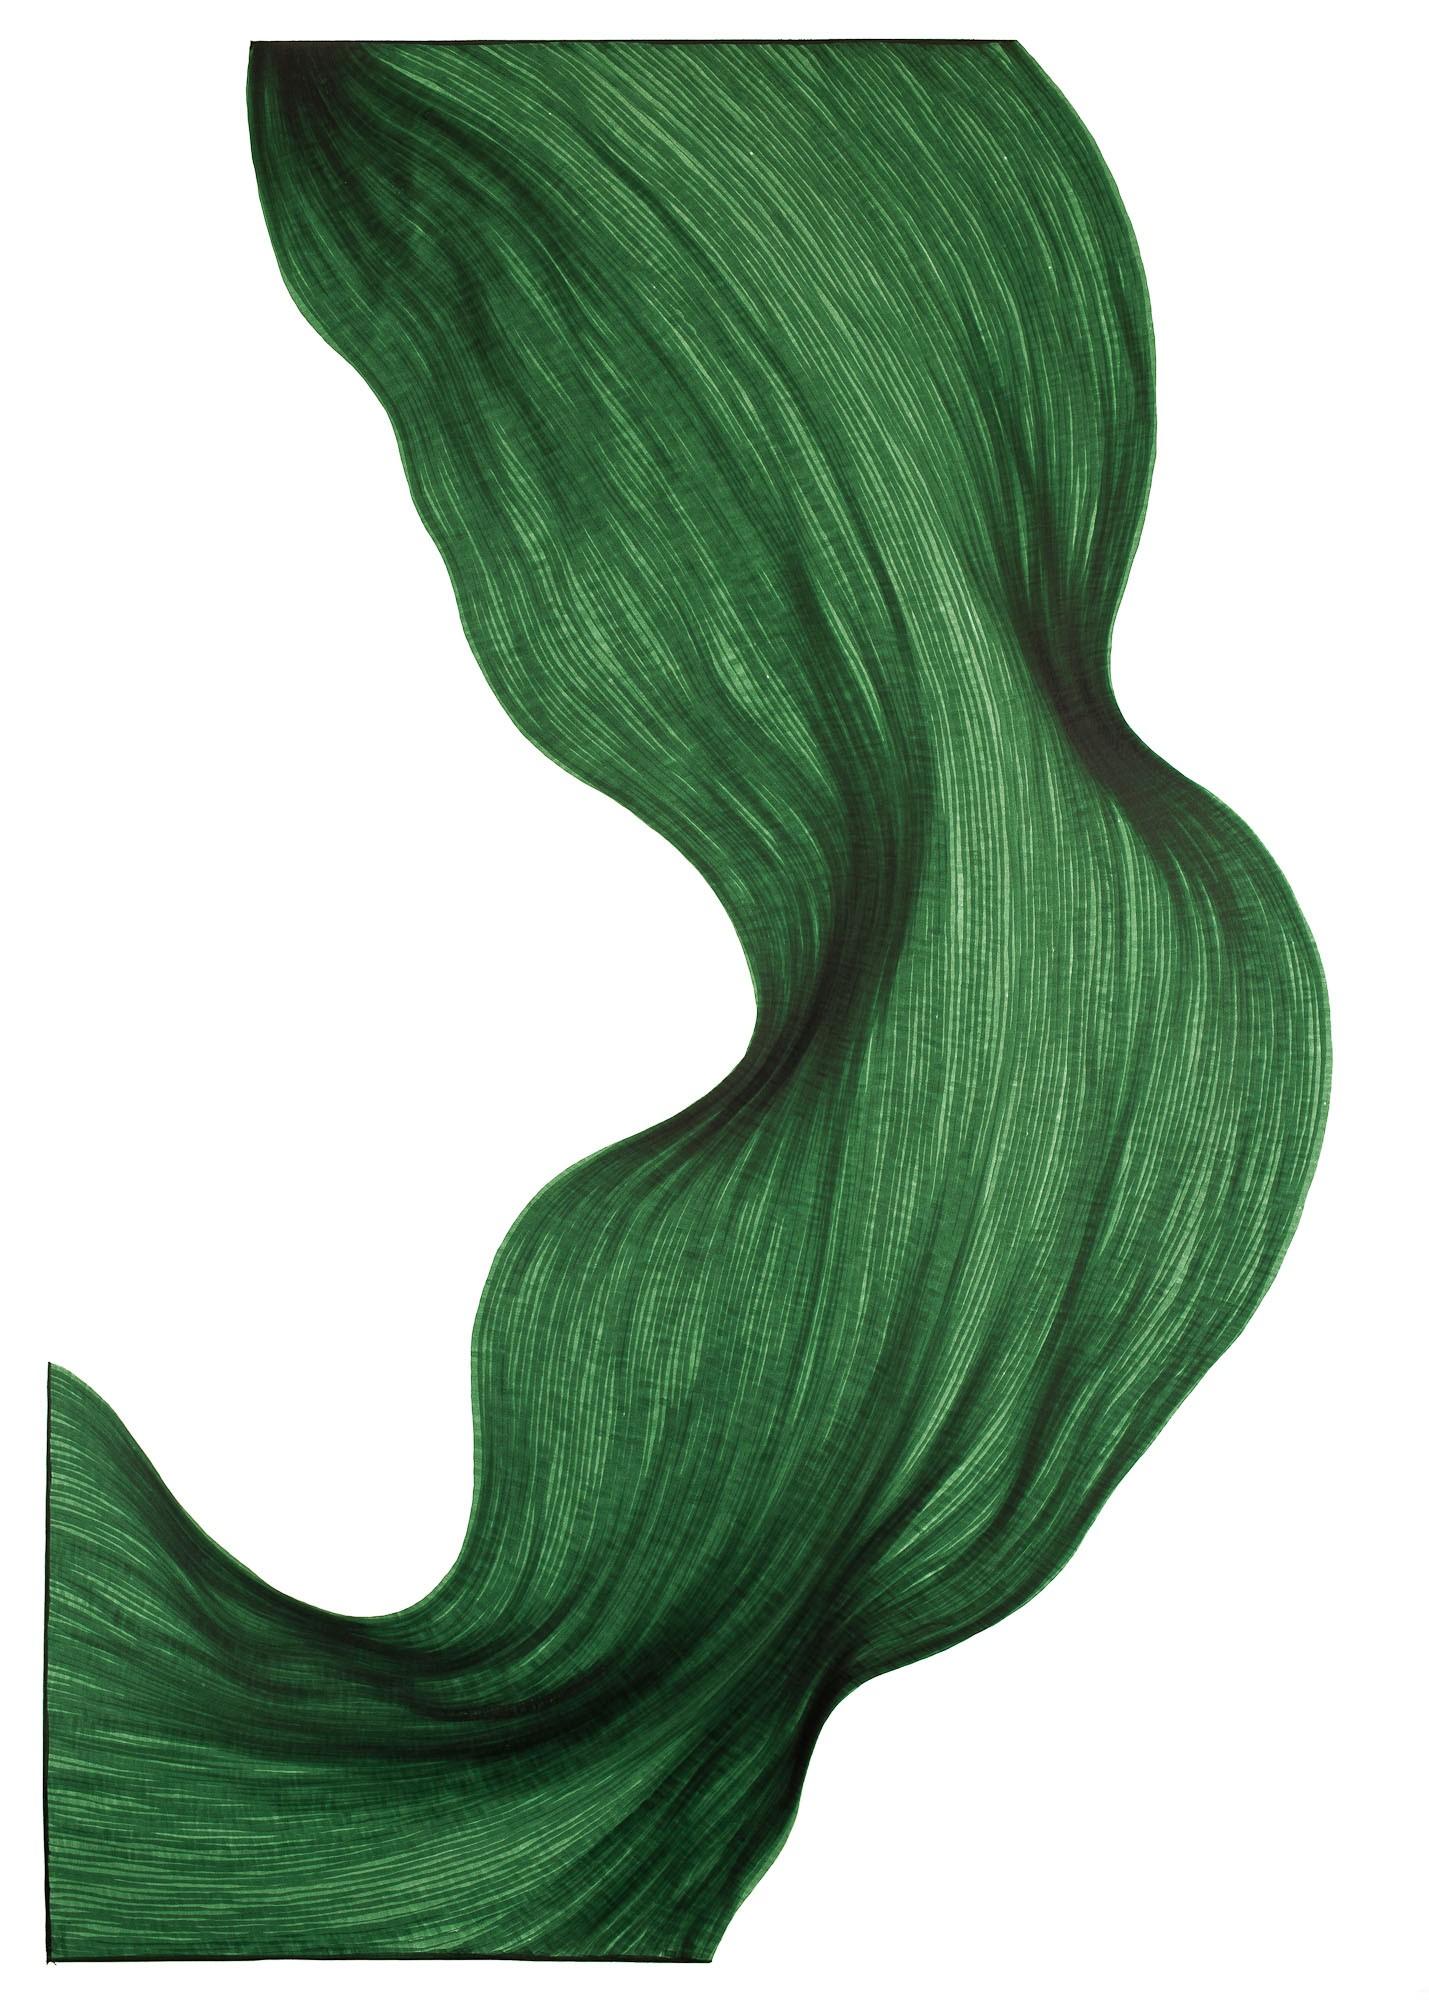 Evergreen Fold | Lali Torma | Zeichnung | Kalligraphie Tinte auf Papier